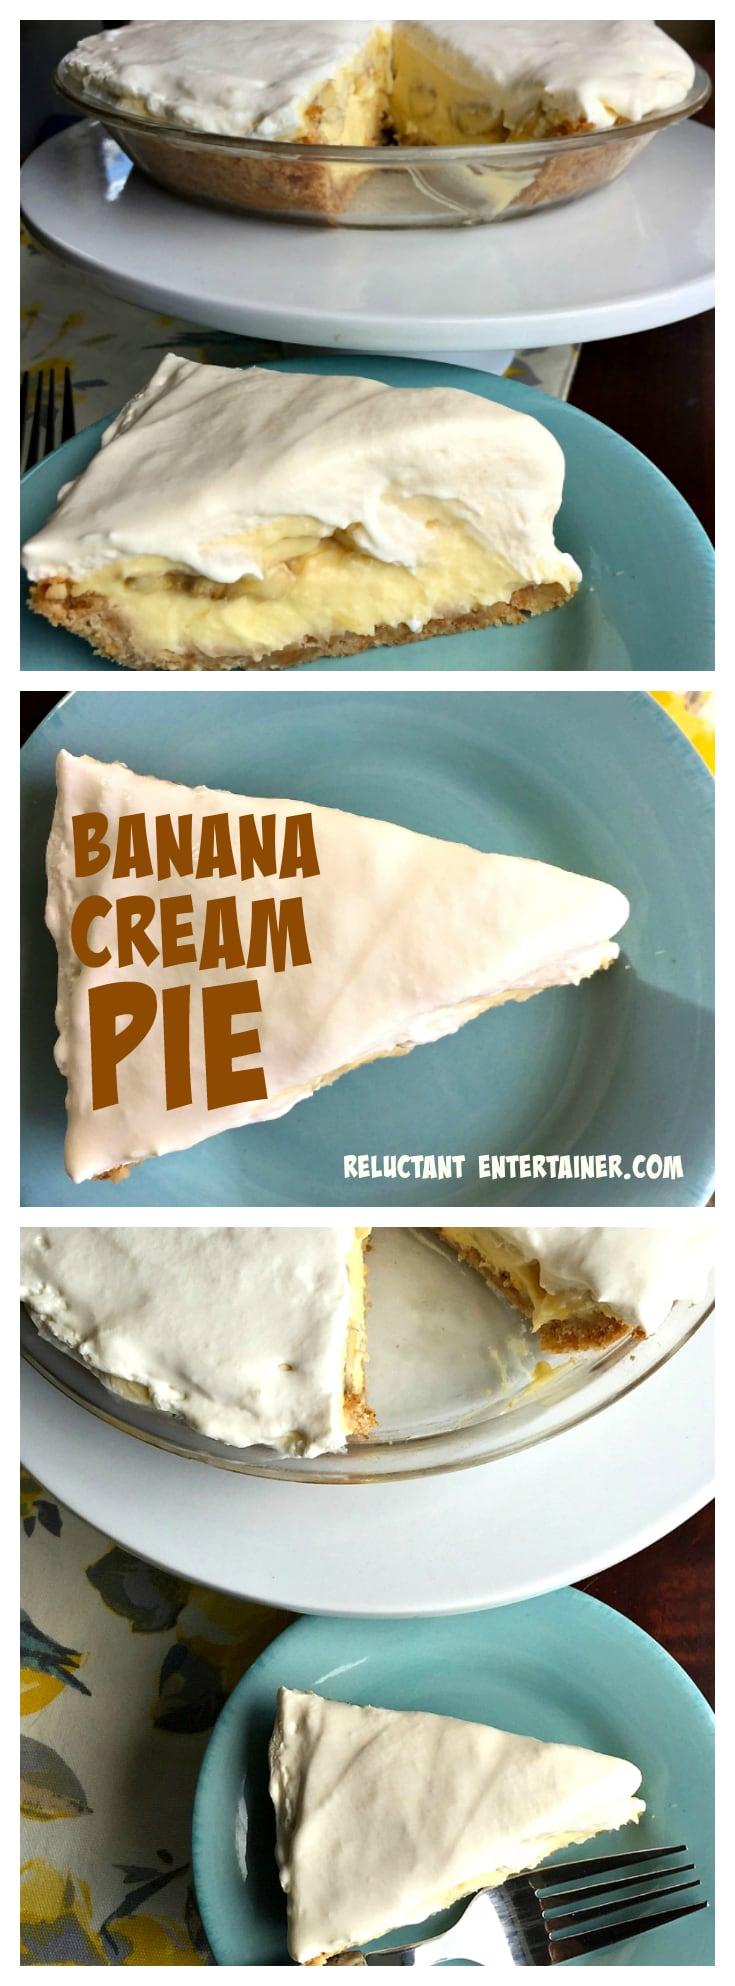 Banana Cream Pie at ReluctantEntertainer.com